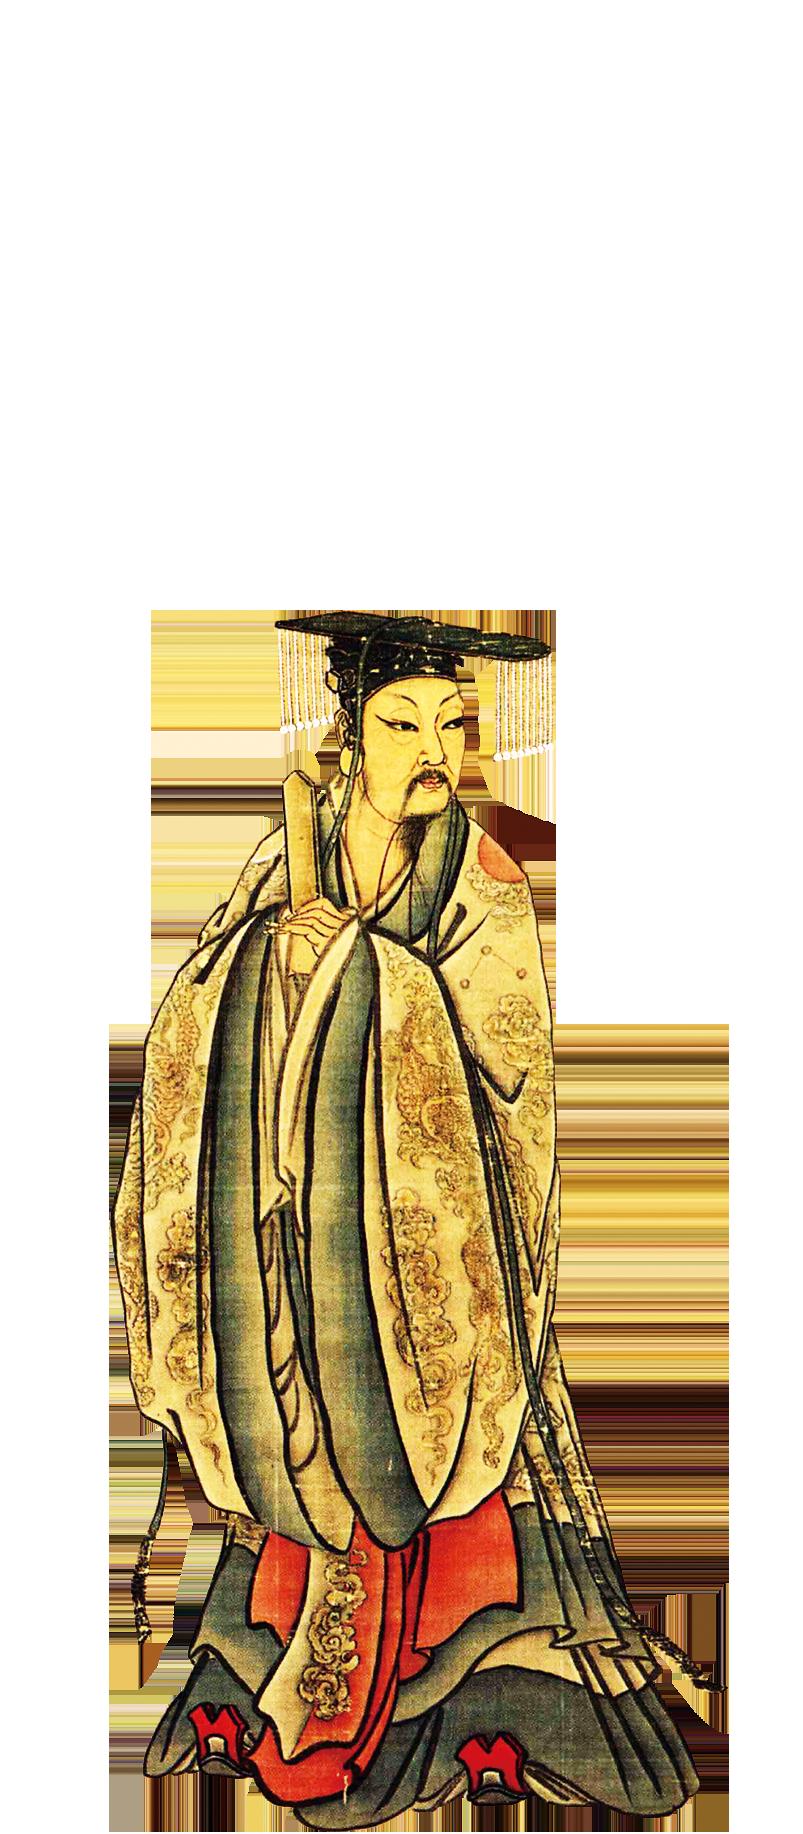 南宋畫家馬麟所作的大禹畫像。(公共領域)